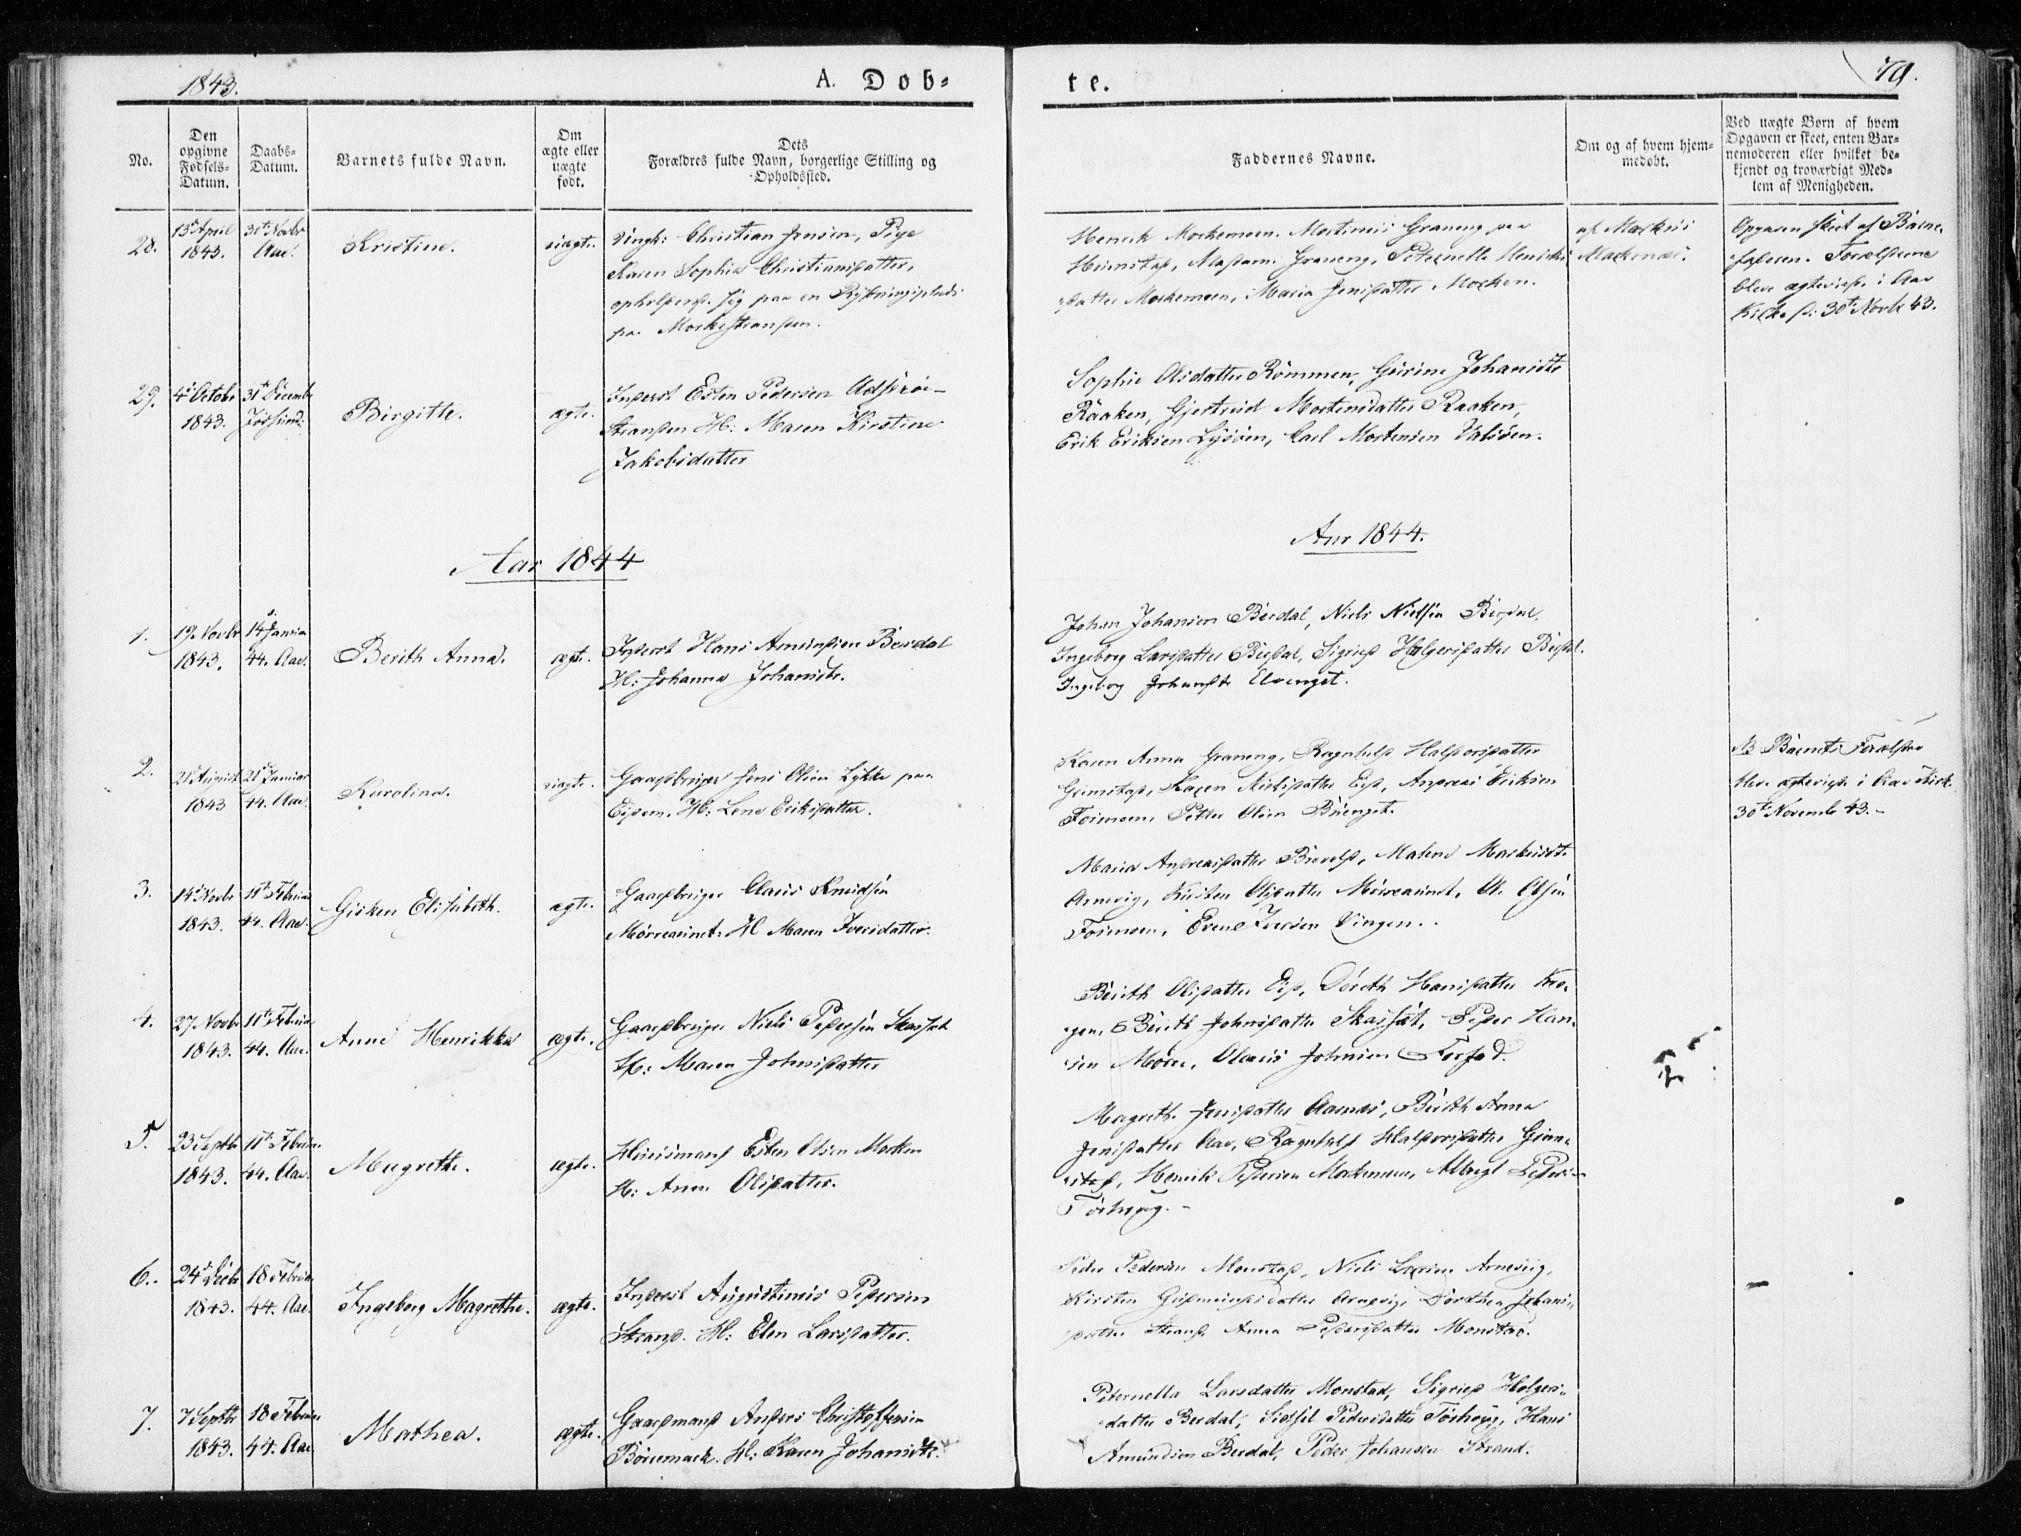 SAT, Ministerialprotokoller, klokkerbøker og fødselsregistre - Sør-Trøndelag, 655/L0676: Ministerialbok nr. 655A05, 1830-1847, s. 79